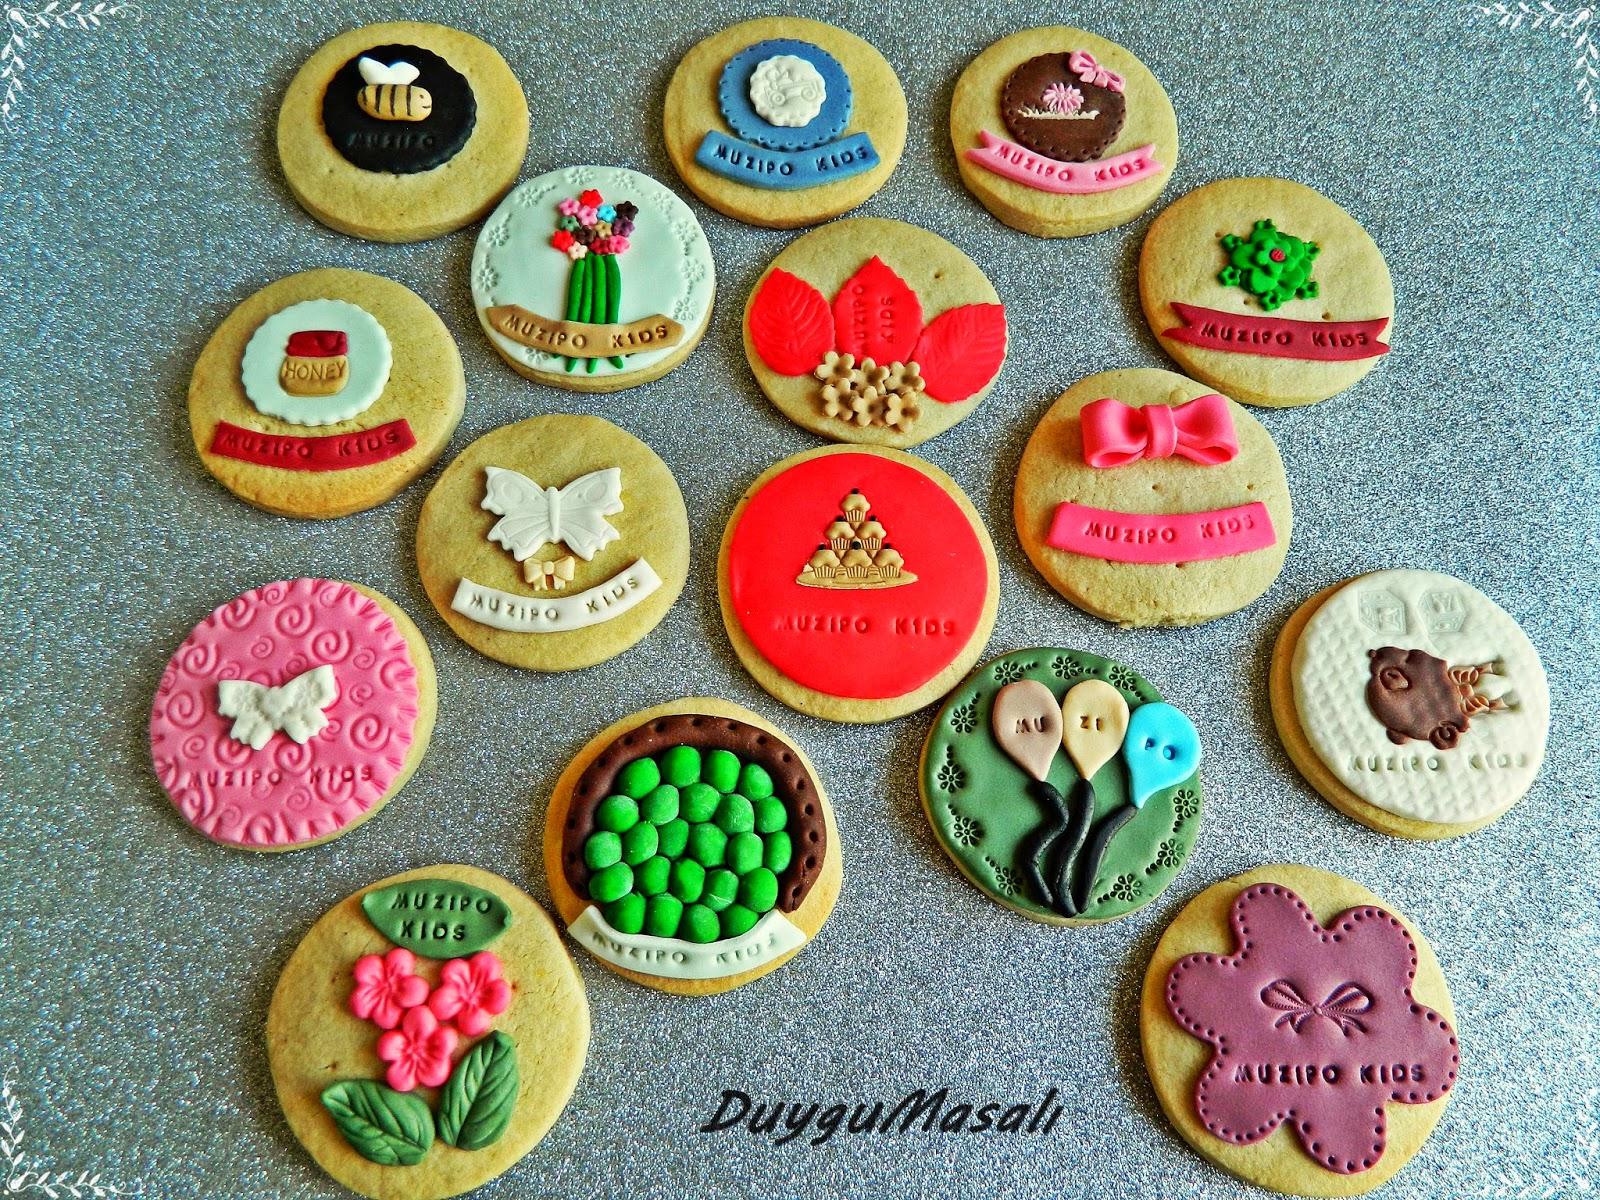 edirne özel tasarım kurabiye